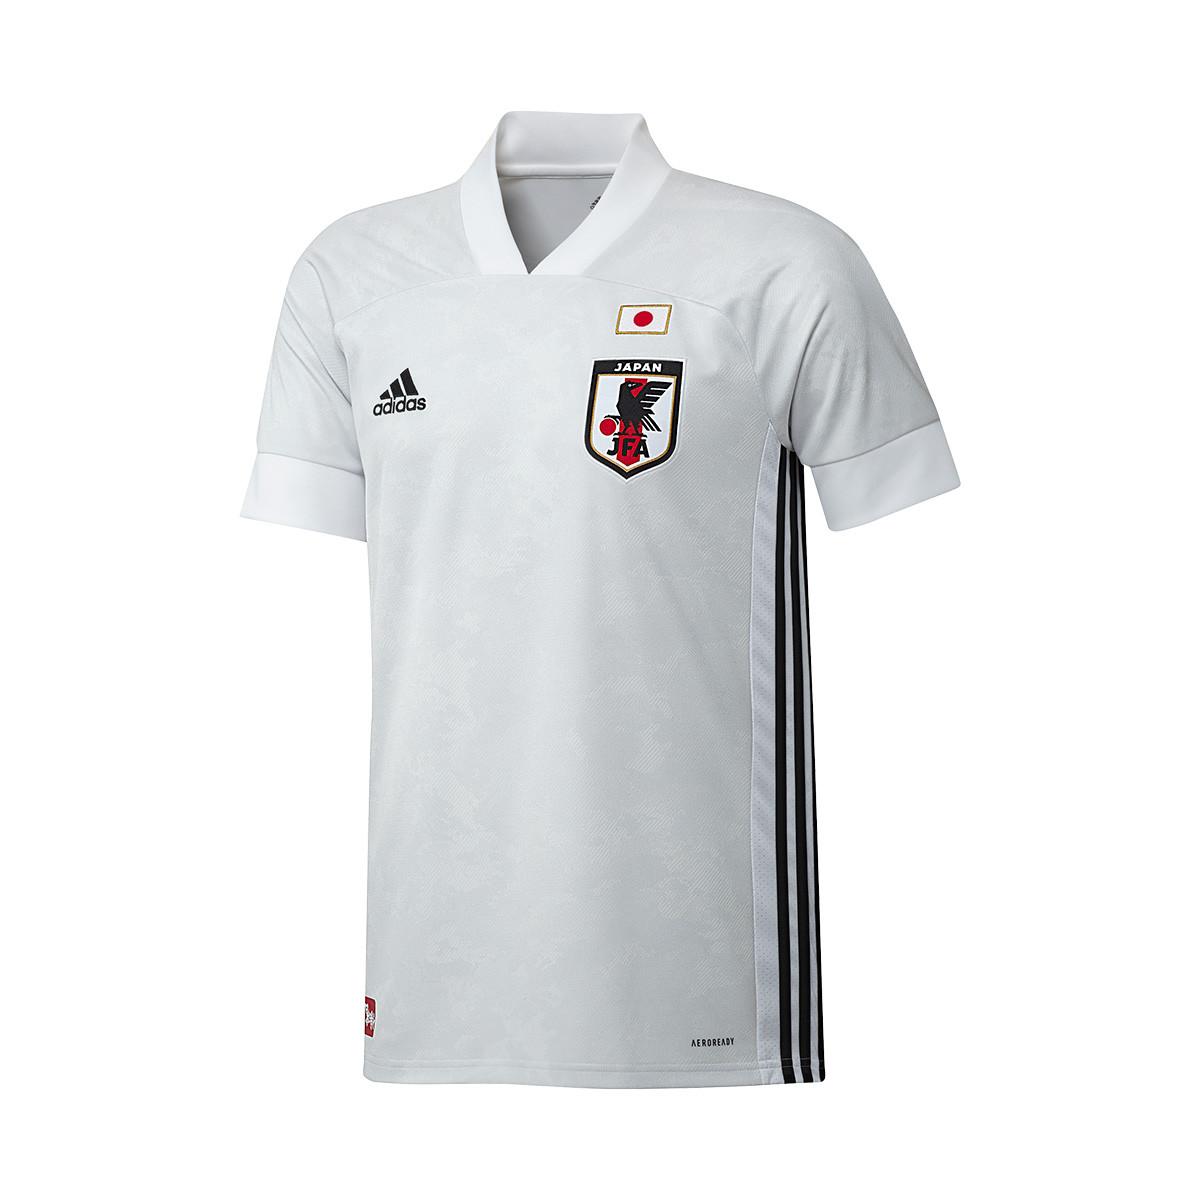 adidas Japan Away Jersey 2020-2021 Jersey